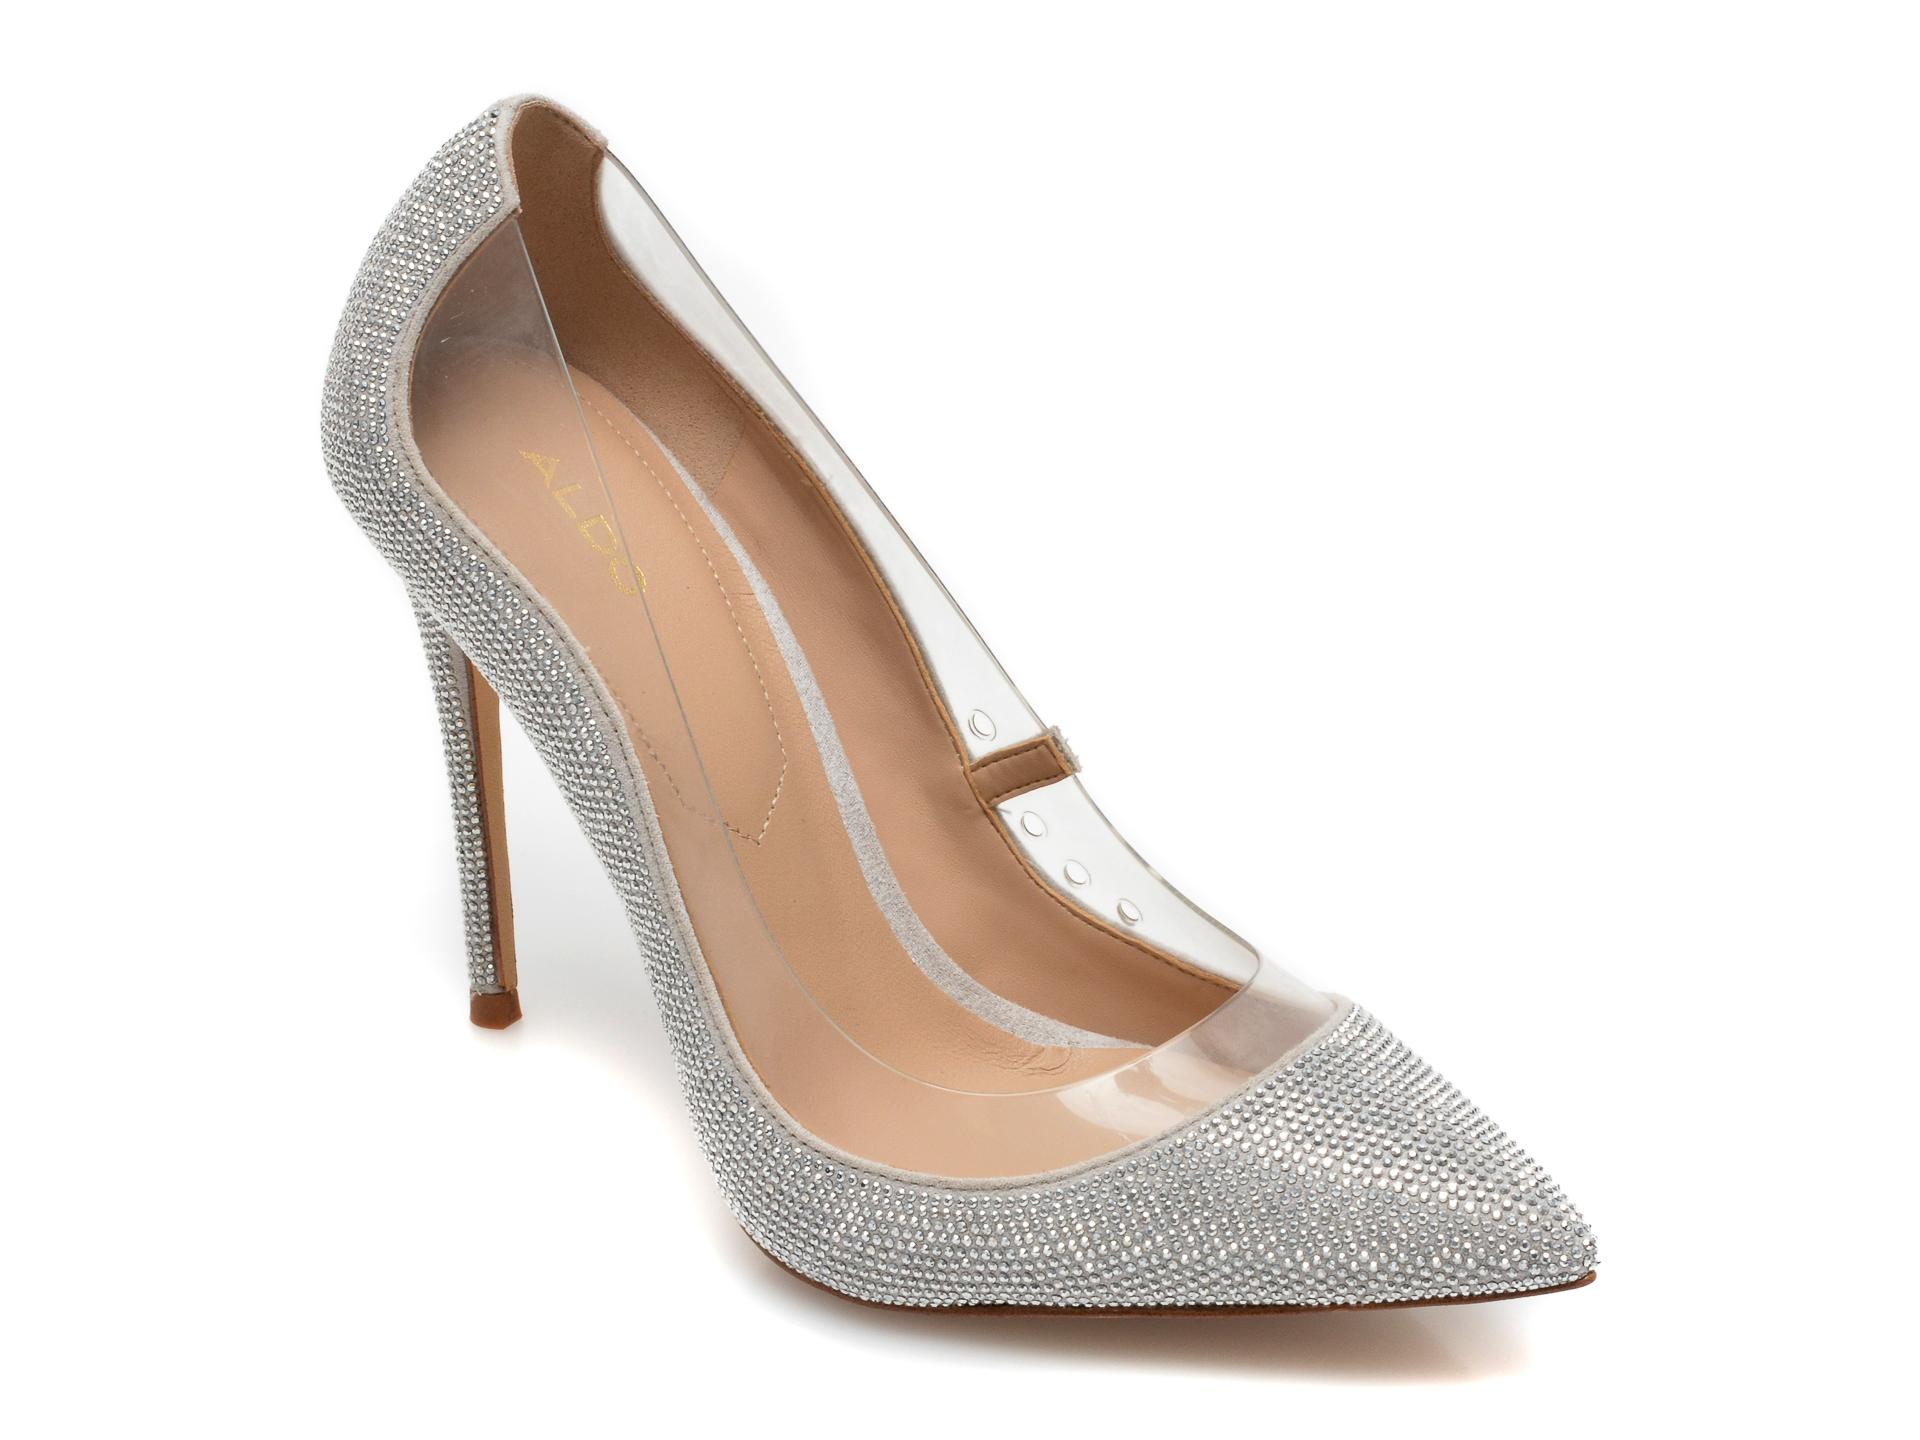 Pantofi ALDO argintii, Edulla042, din material textil imagine otter.ro